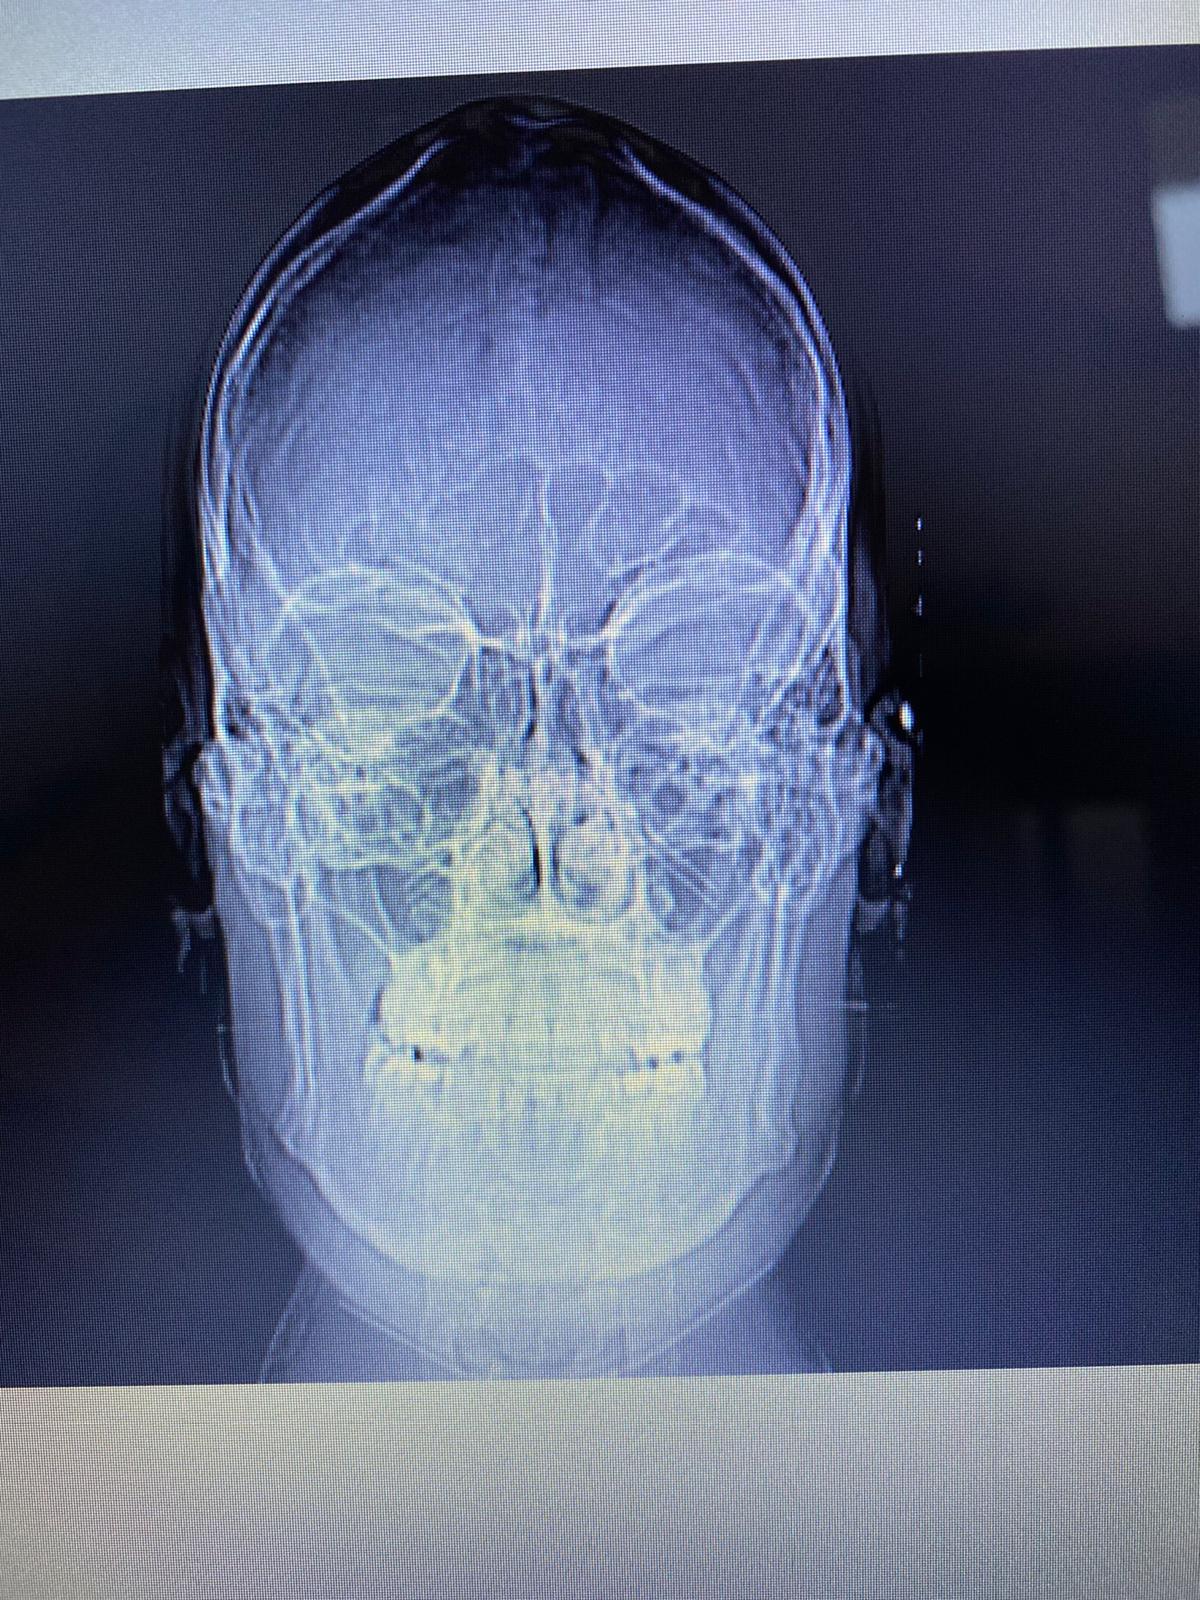 Da circa un mese soffre di acufene all'orecchio sinistro